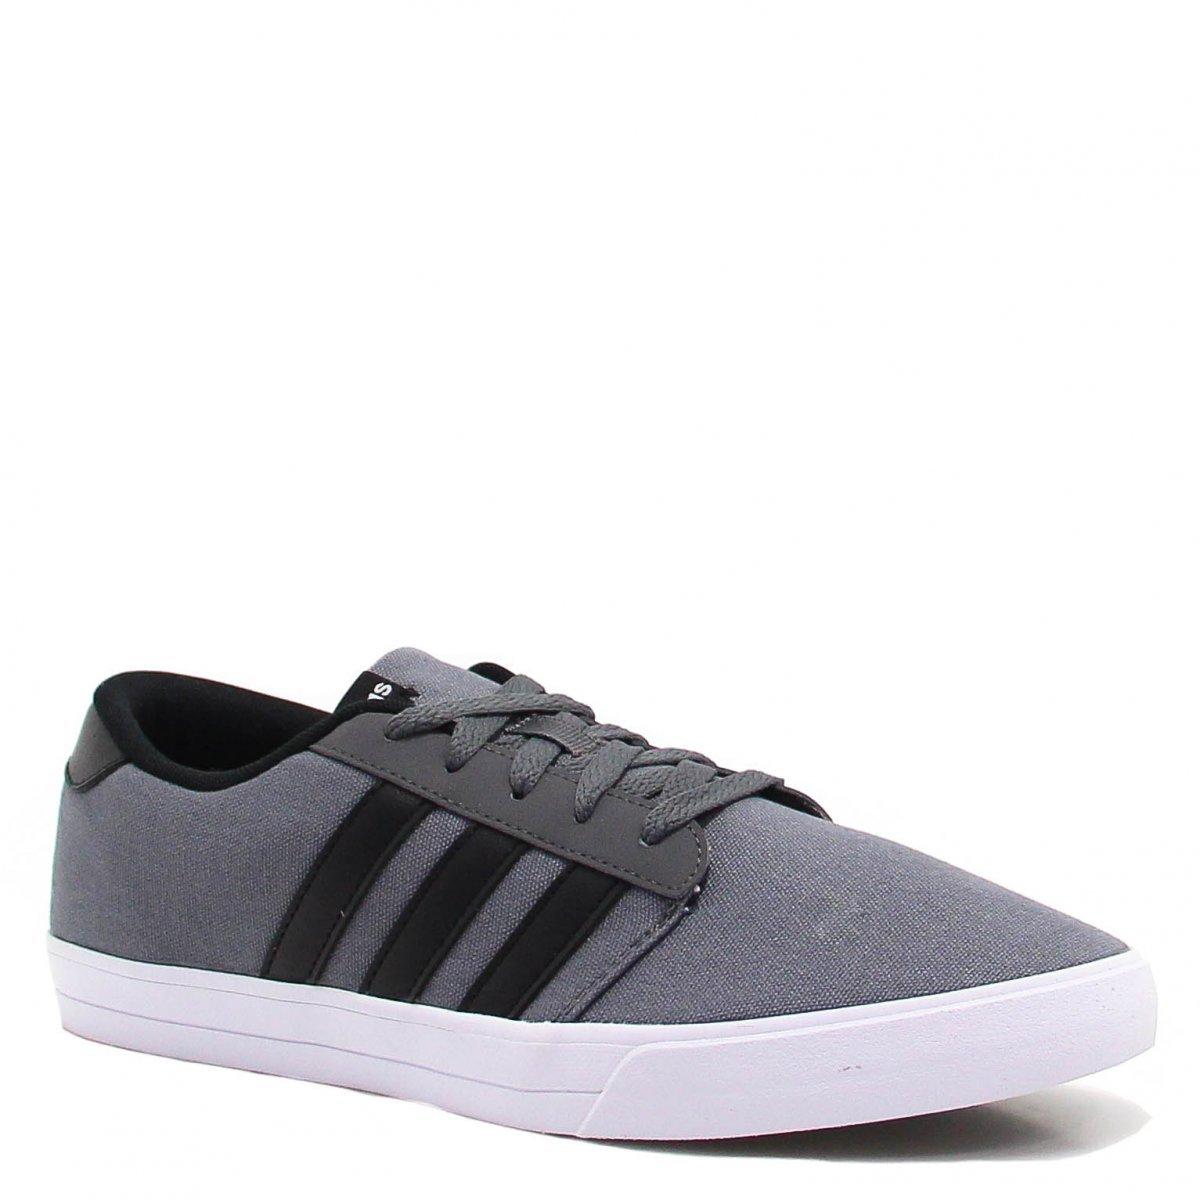 Tênis Adidas VS Skate Casual B74222  b5ff61b23e70d